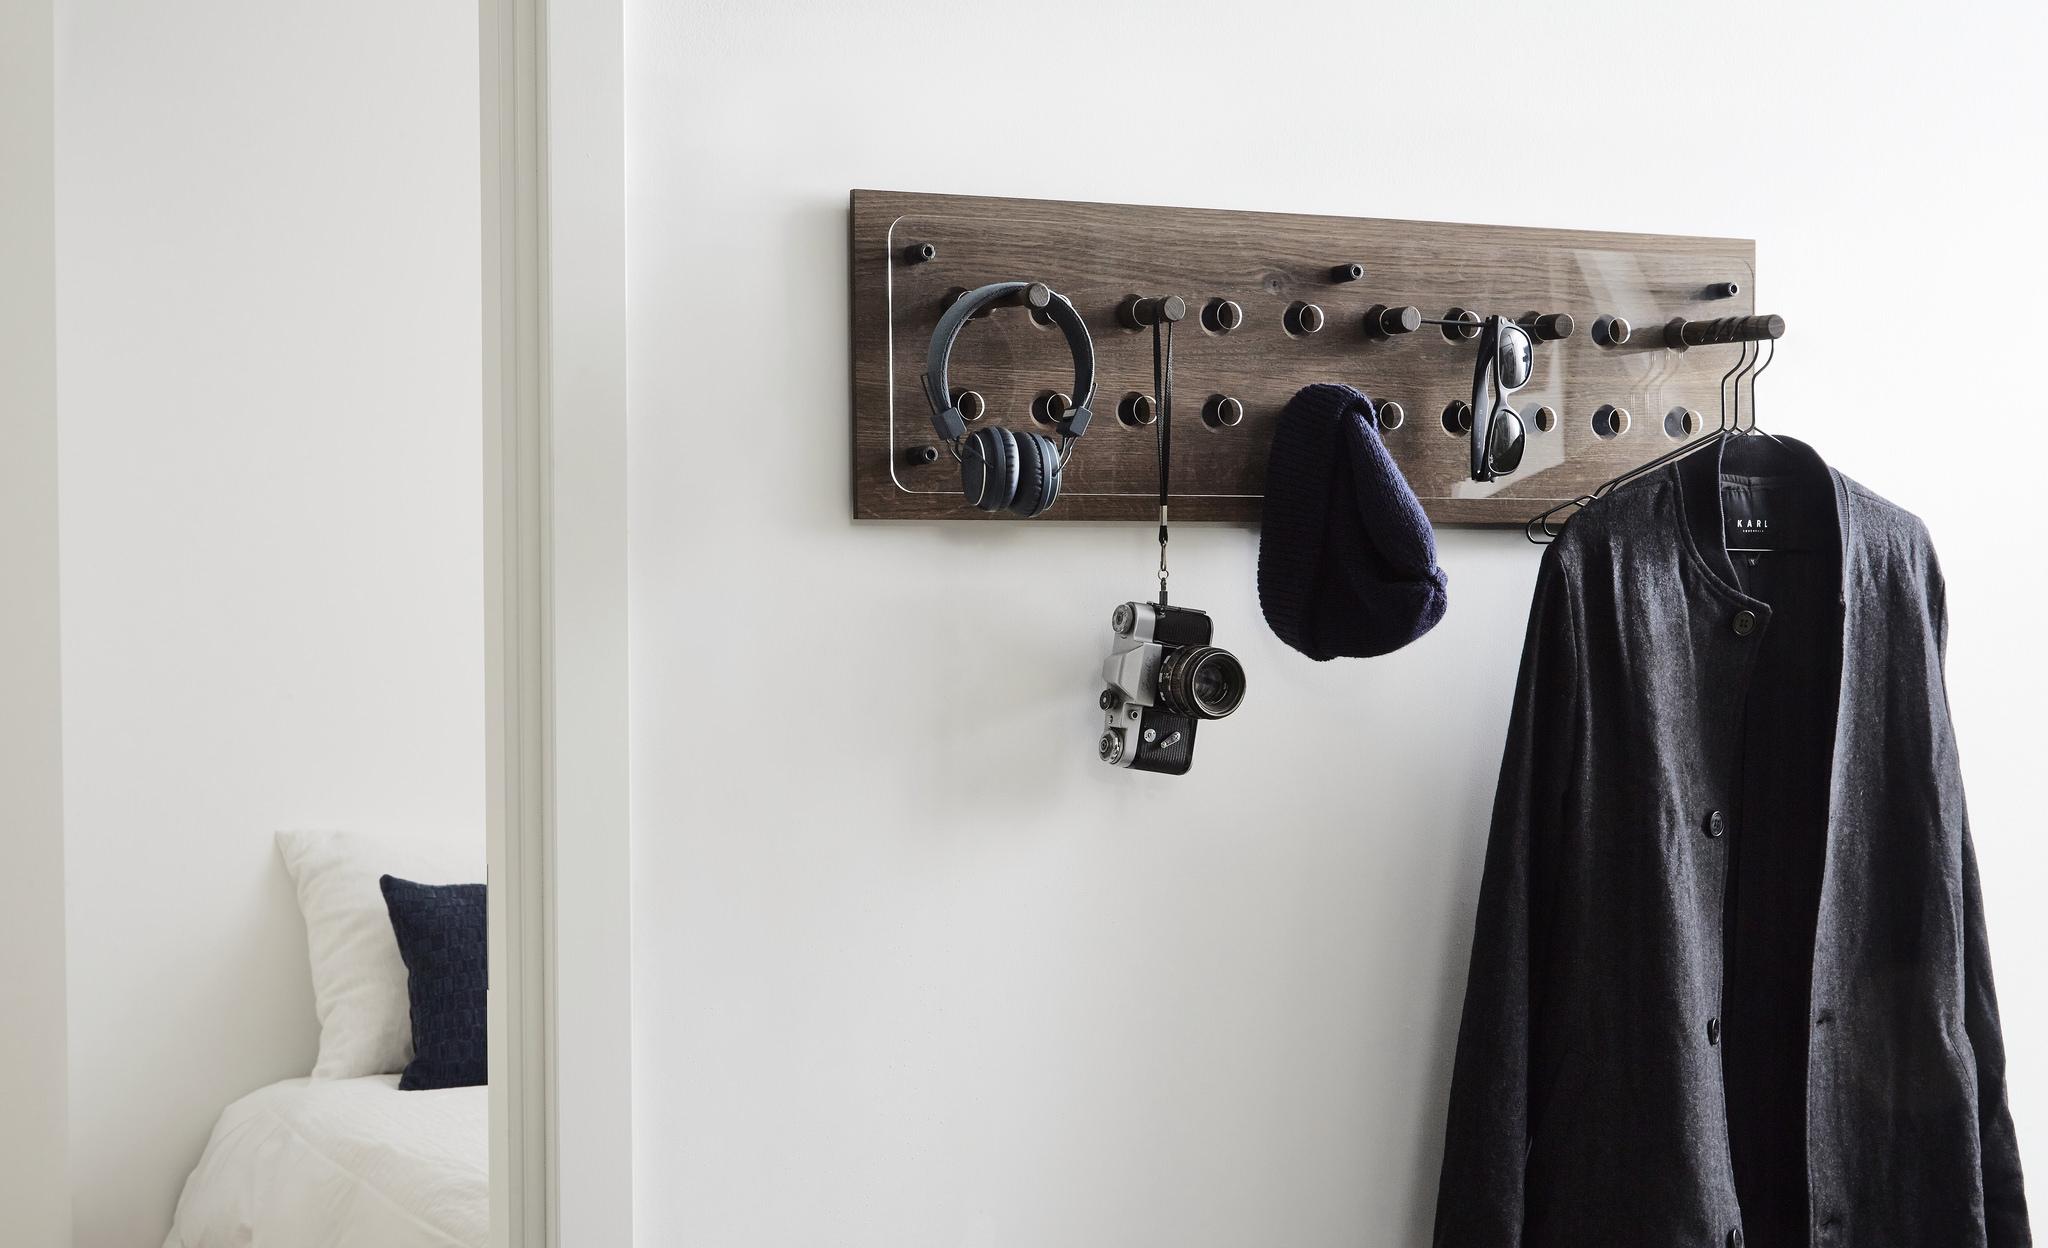 Wandgarderobe MOODBOARD 2x10 in Eiche geräuchert von Roon & Rahn